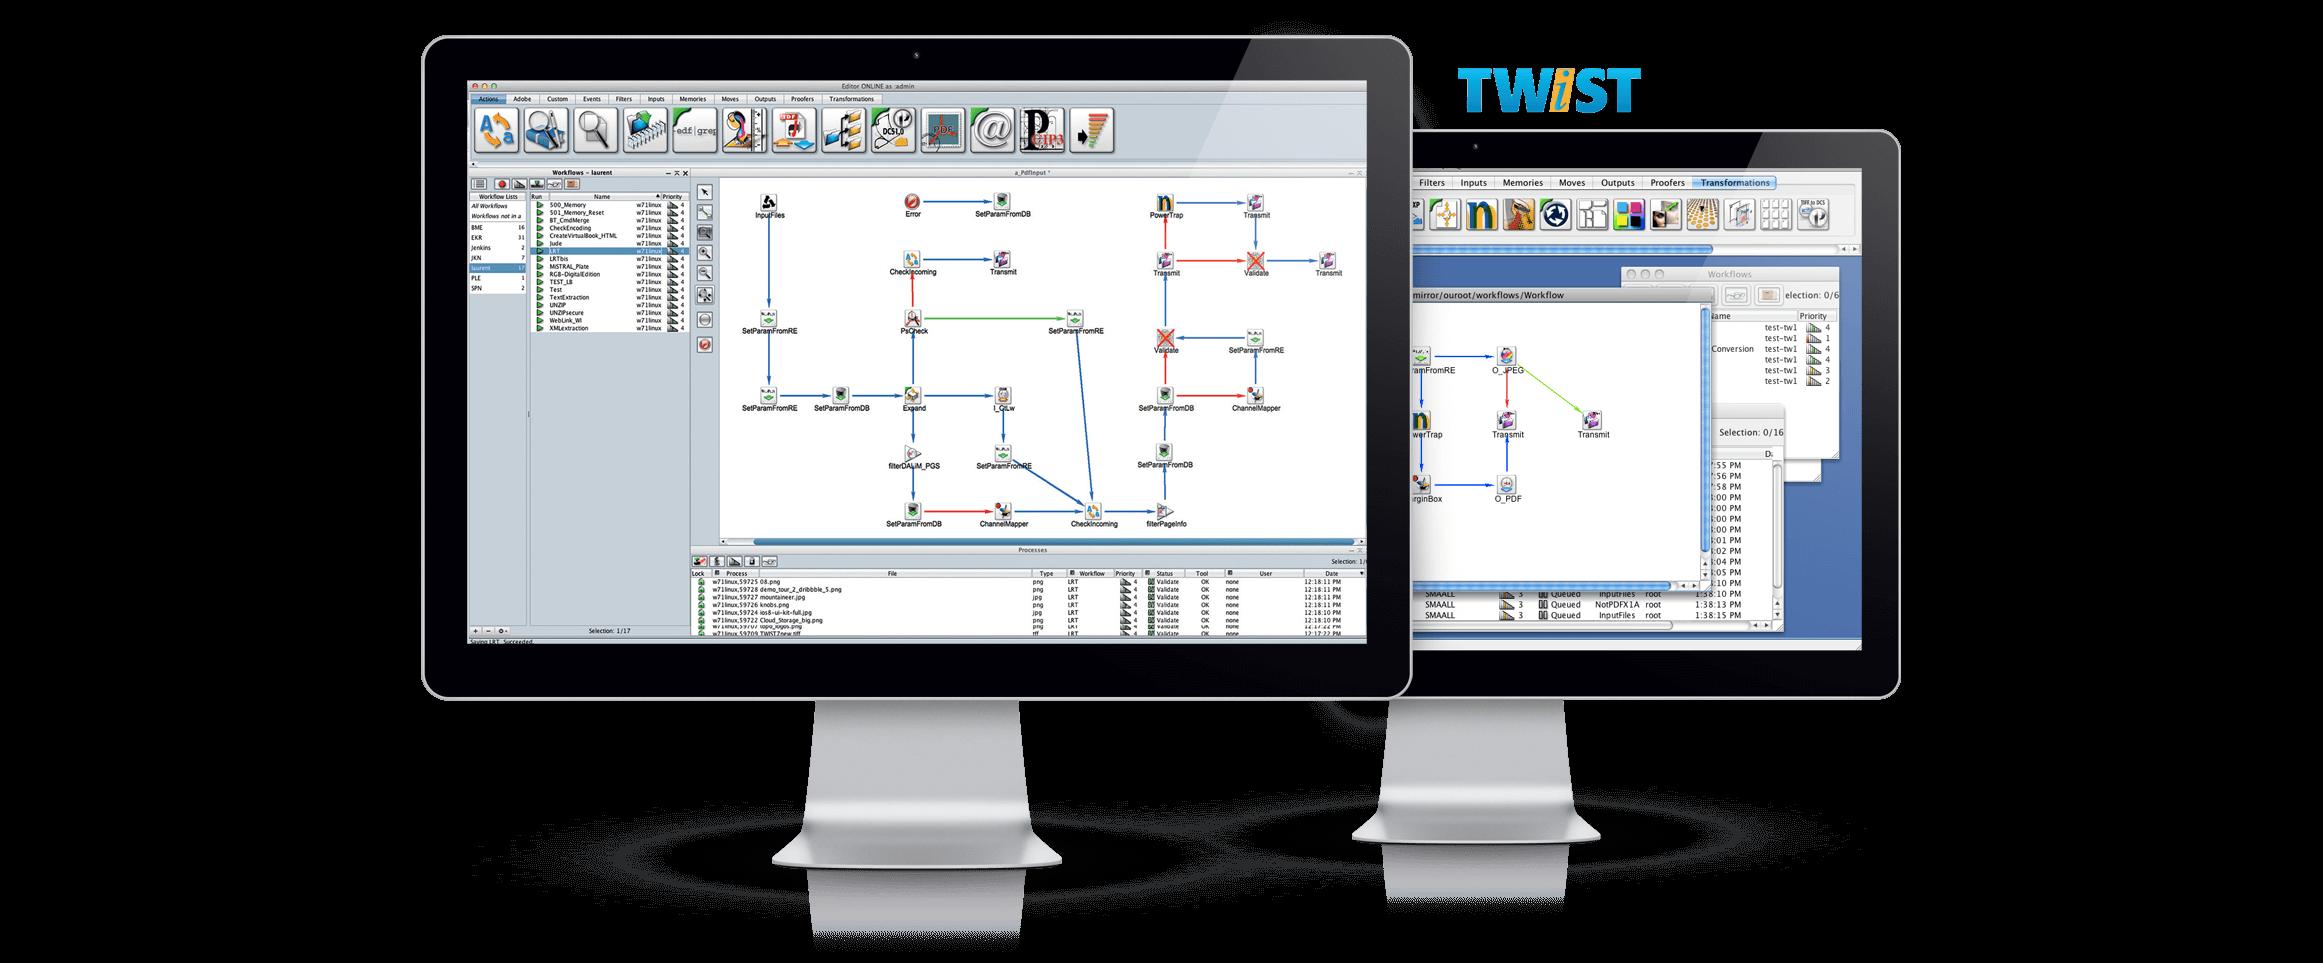 Dalim Twist Automated Workflow